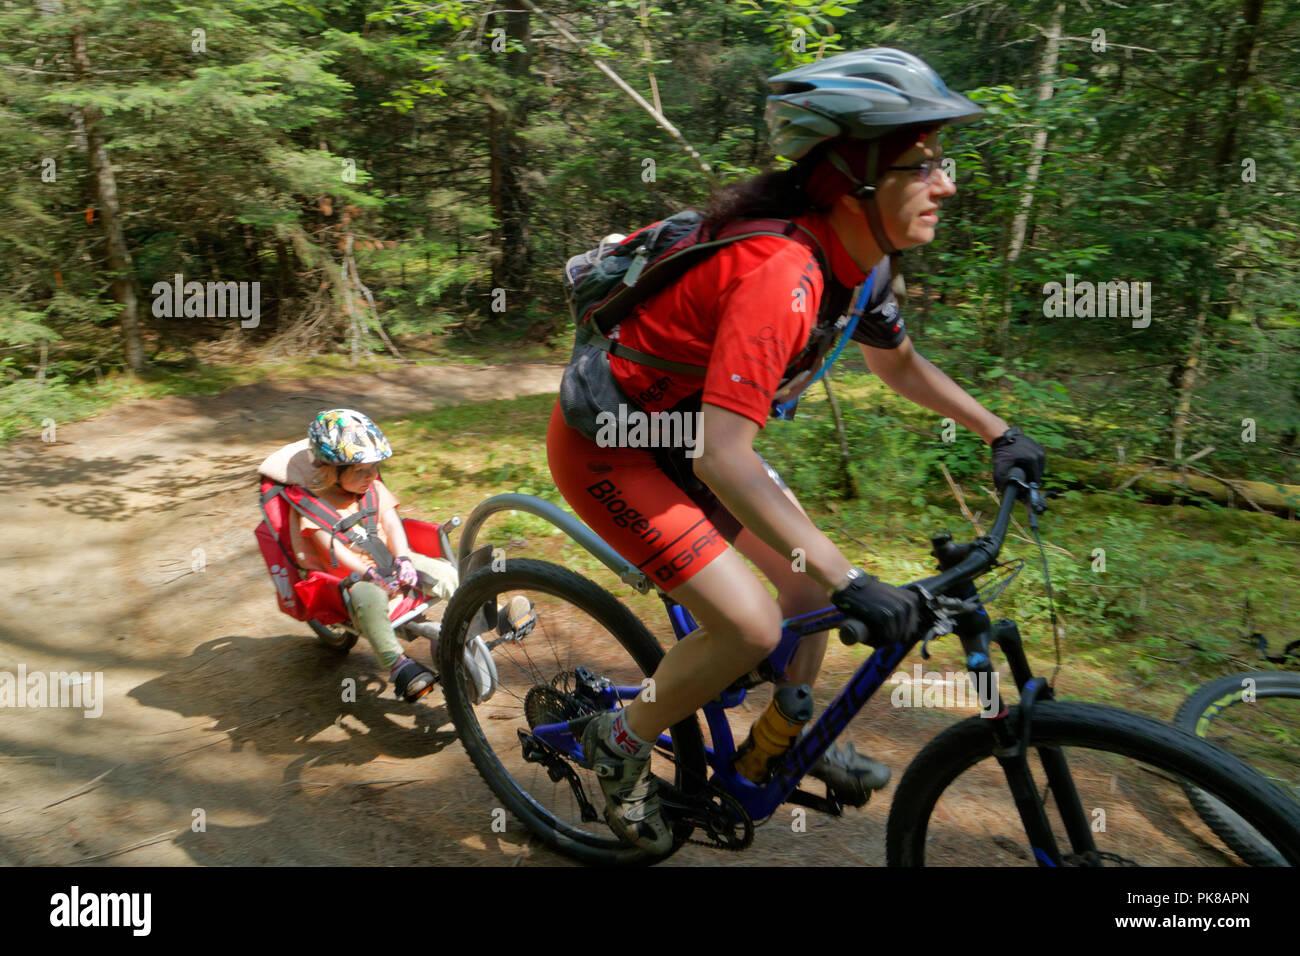 Eine Lady Biker ihre Tochter Abschleppen in einem Weehoo kind Fahrradanhänger im Königreich Trails an der East Burke in Vermont, USA Stockfoto